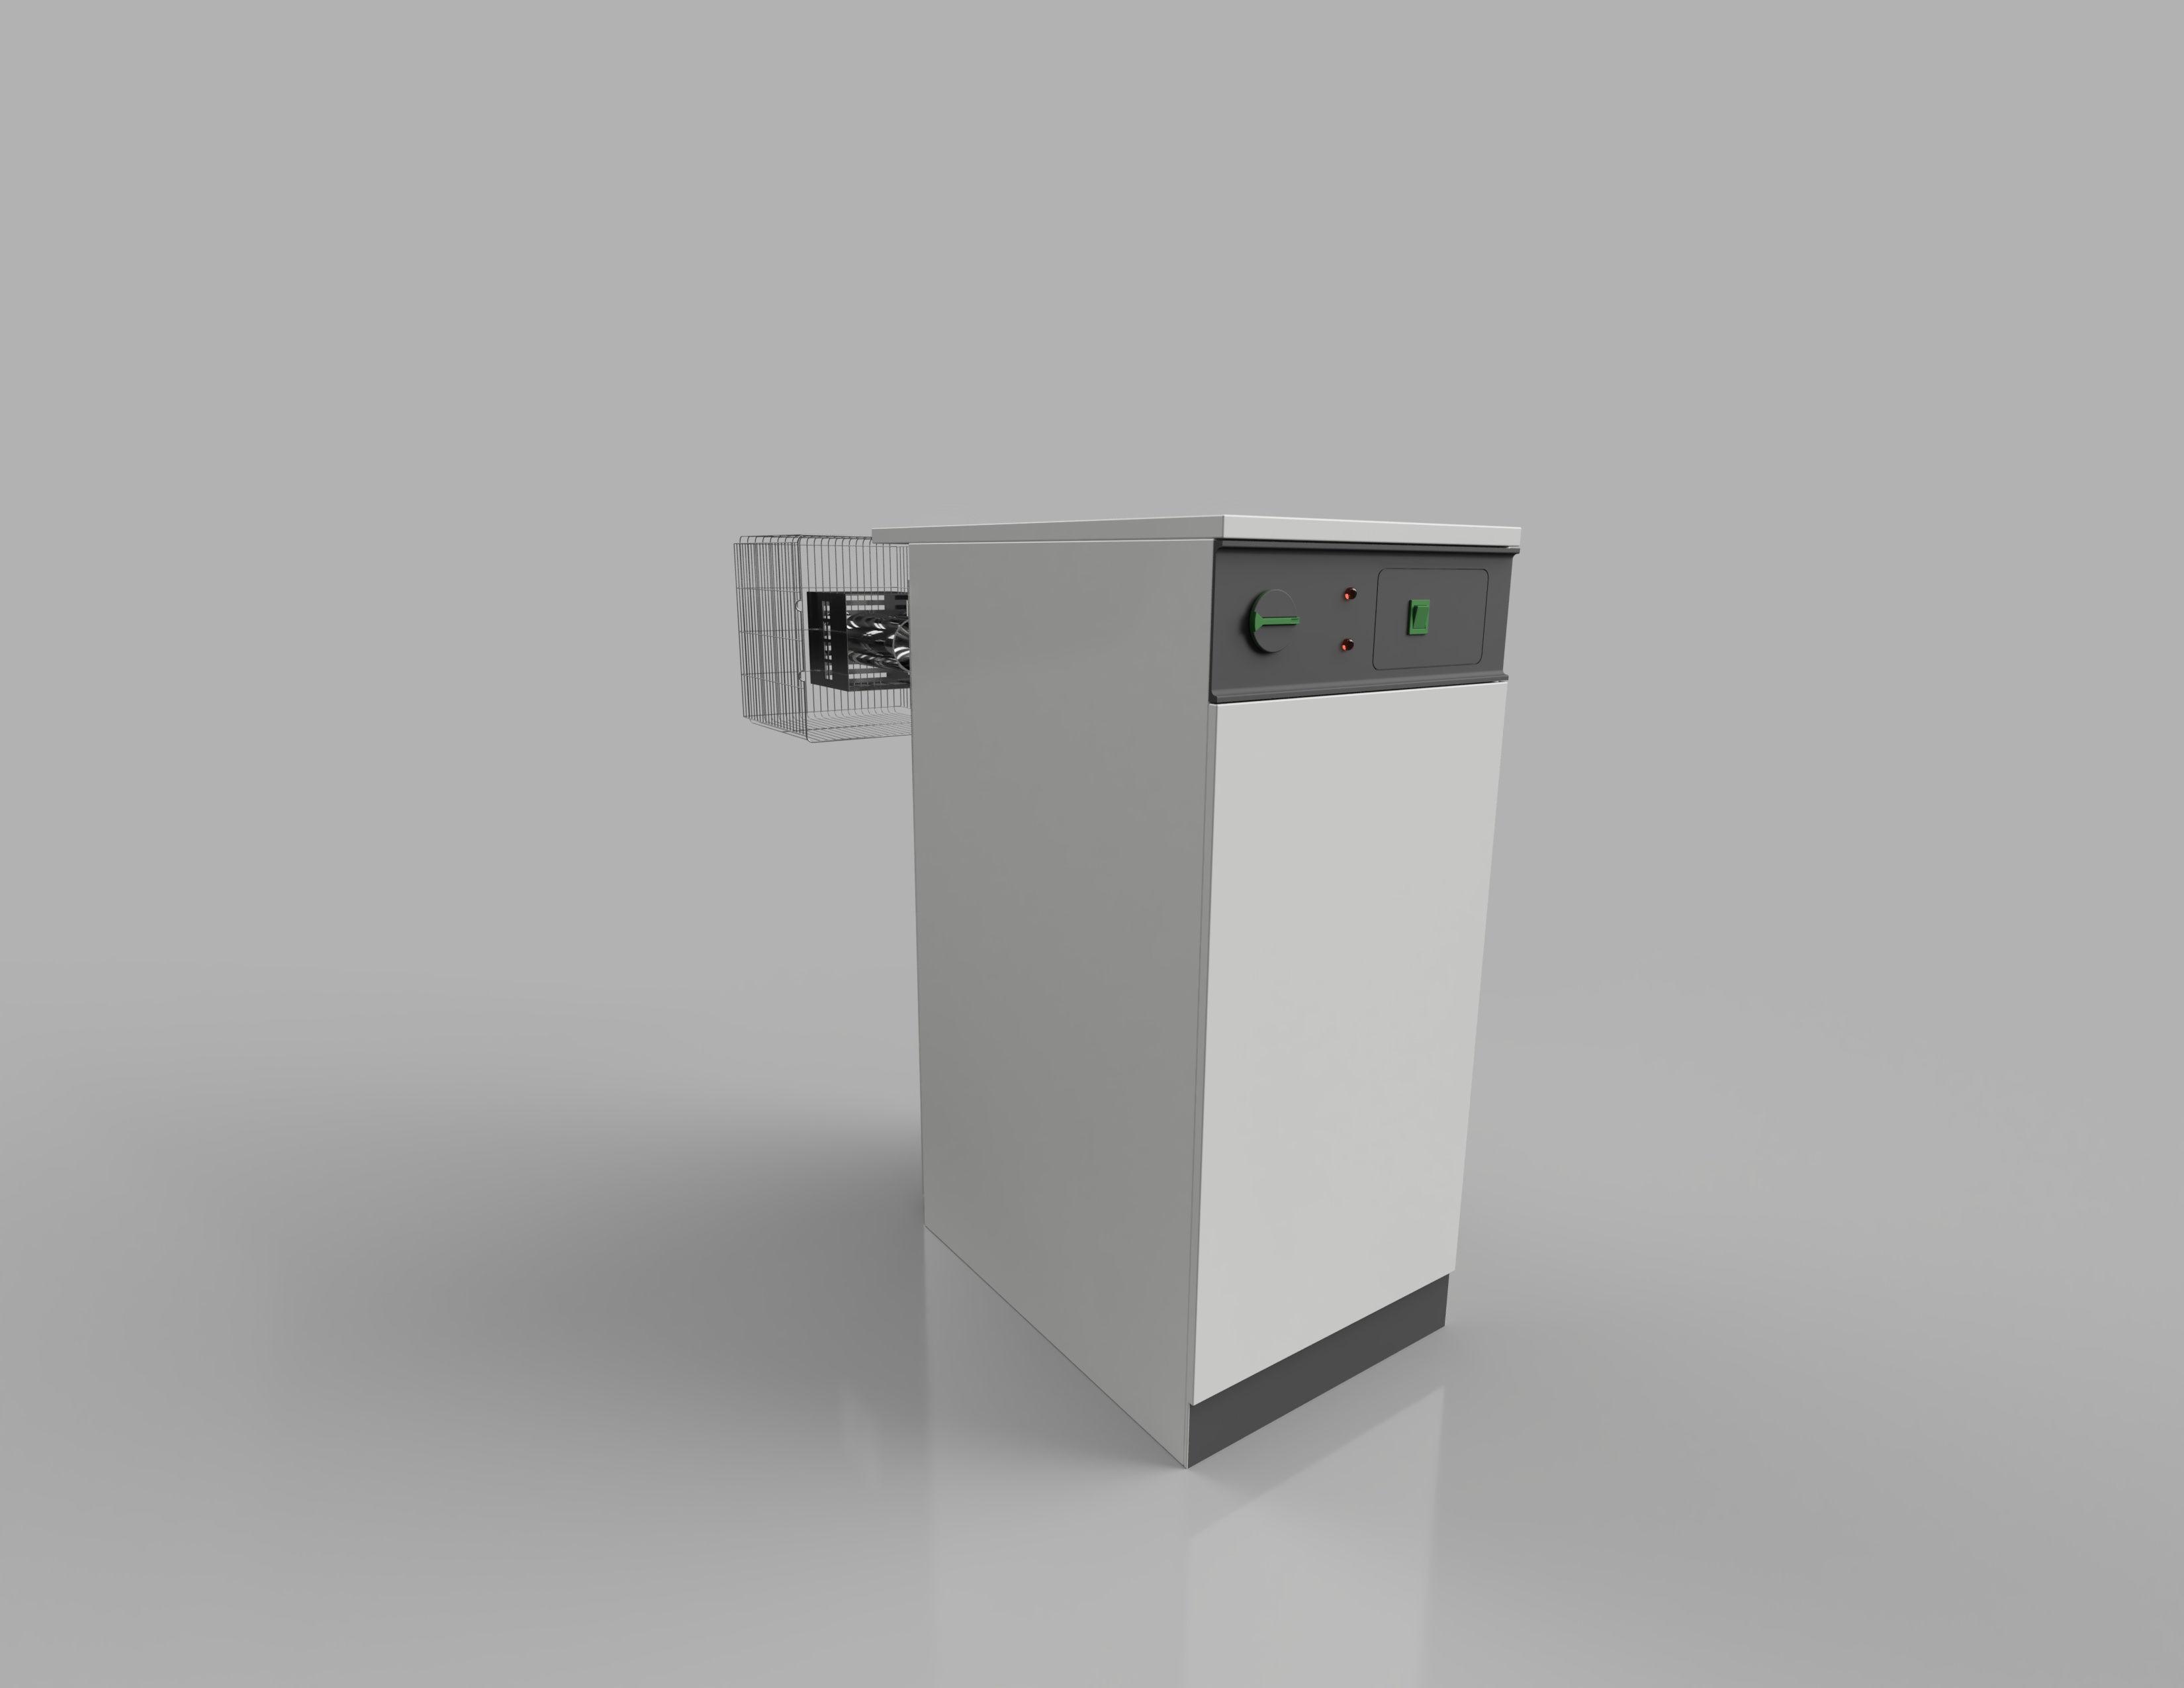 Boiler-2020-mar-31-07-46-54pm-000-customizedview28753004412-jpg-3500-3500